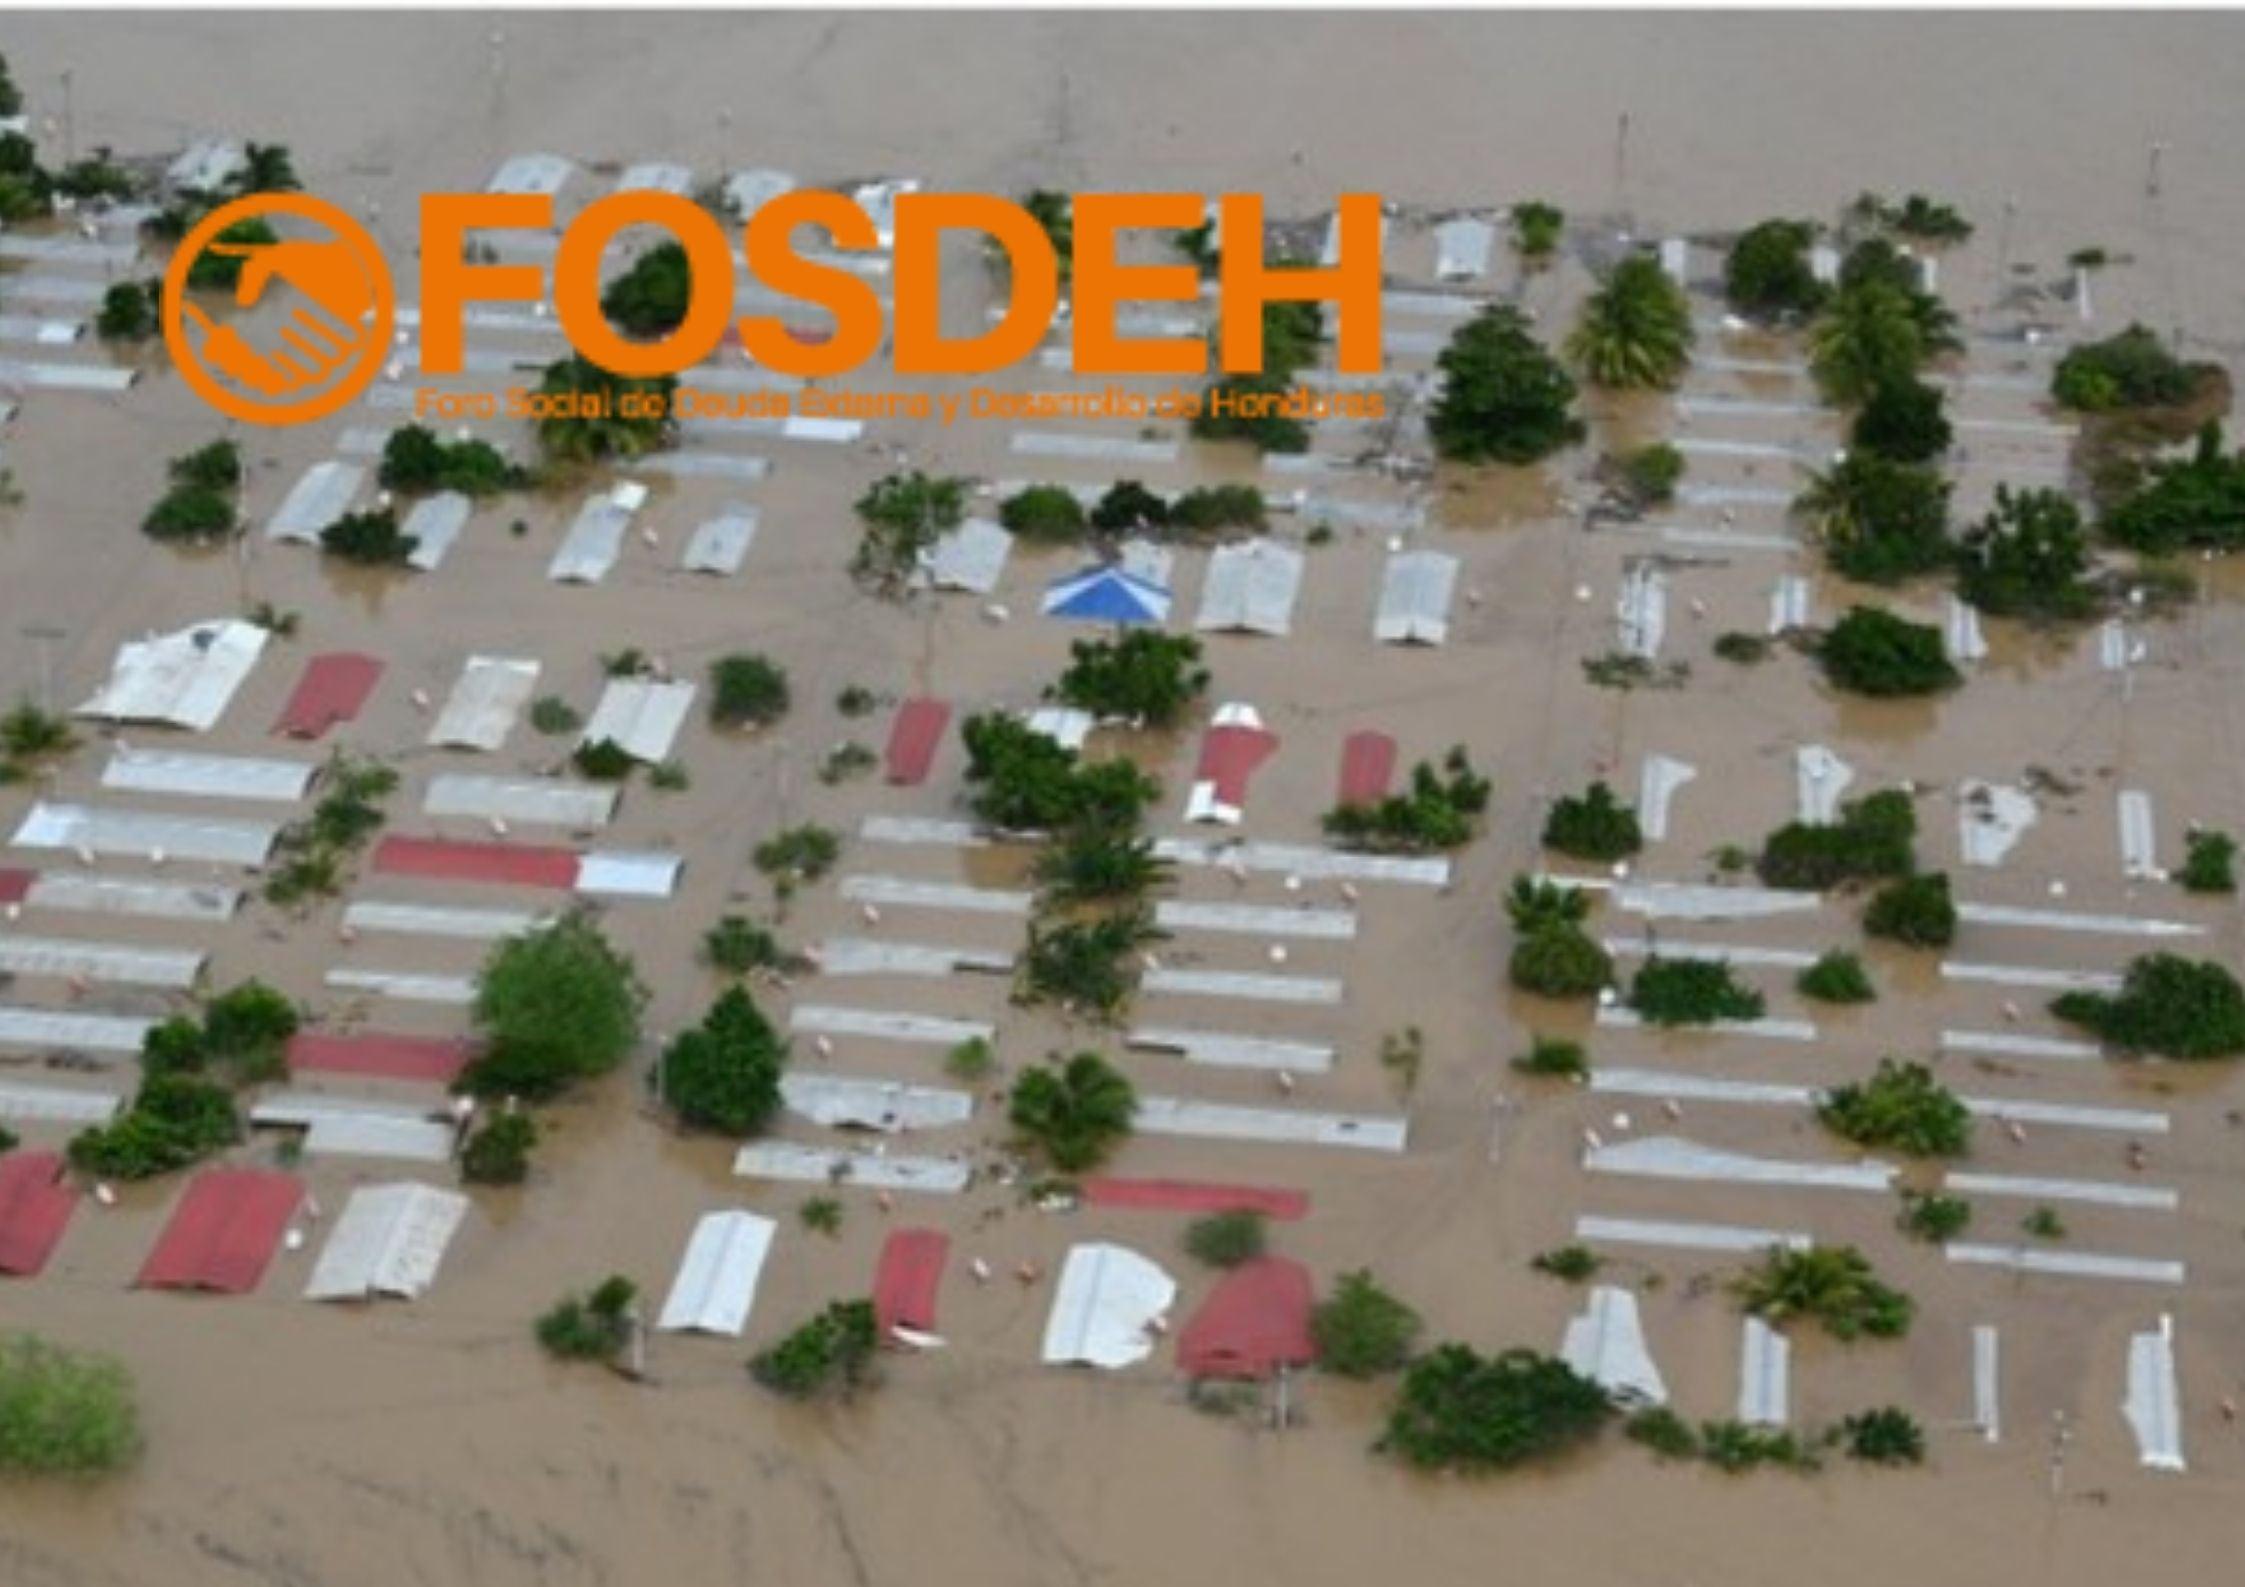 Fosdeh propuesta reconstrucción